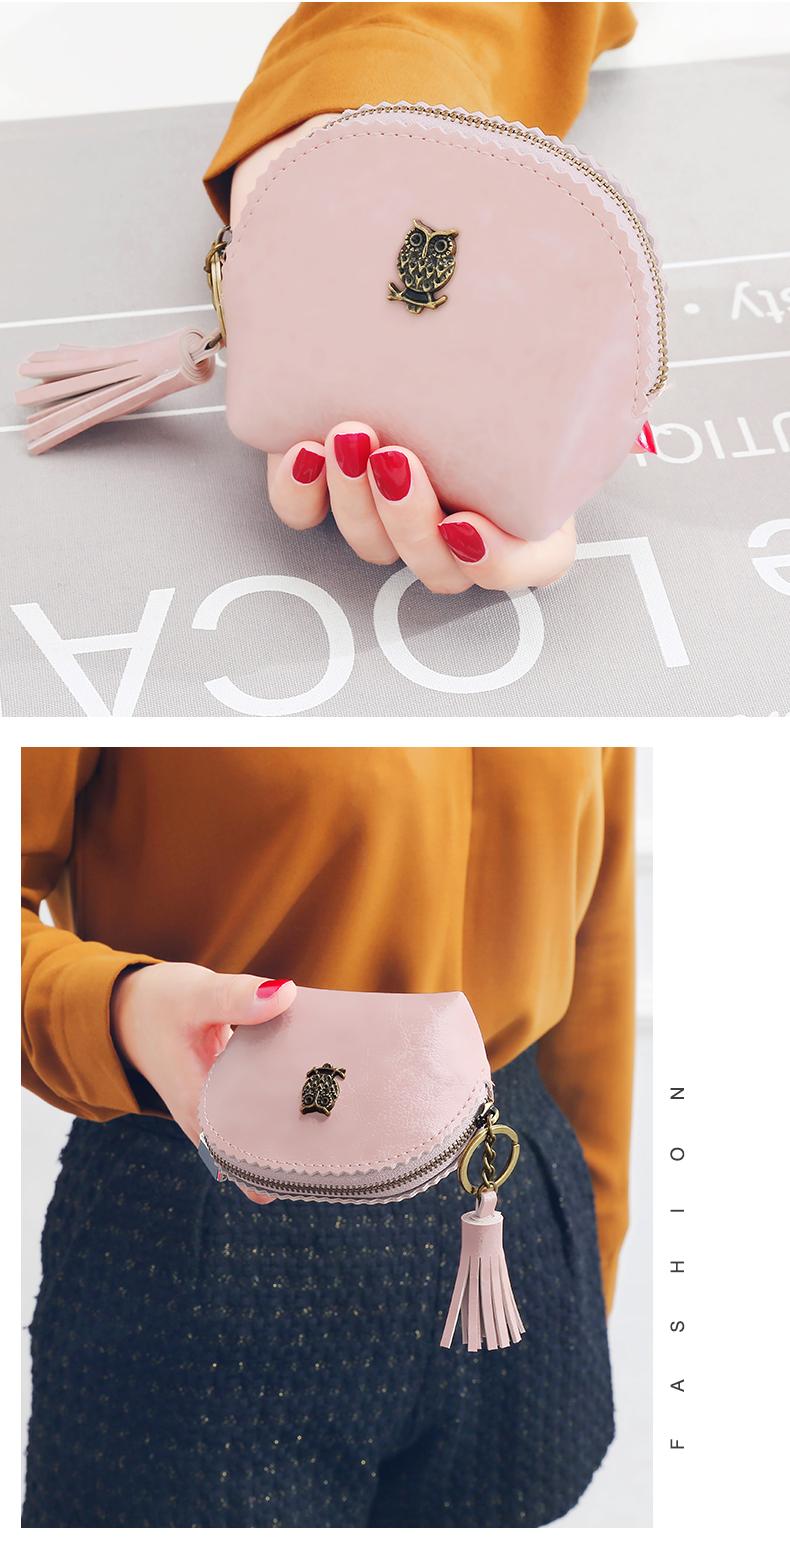 【復古流蘇零錢包小錢包】韓版純色復古質感流蘇實用零錢包硬幣包手拿包 – 好物嚴選